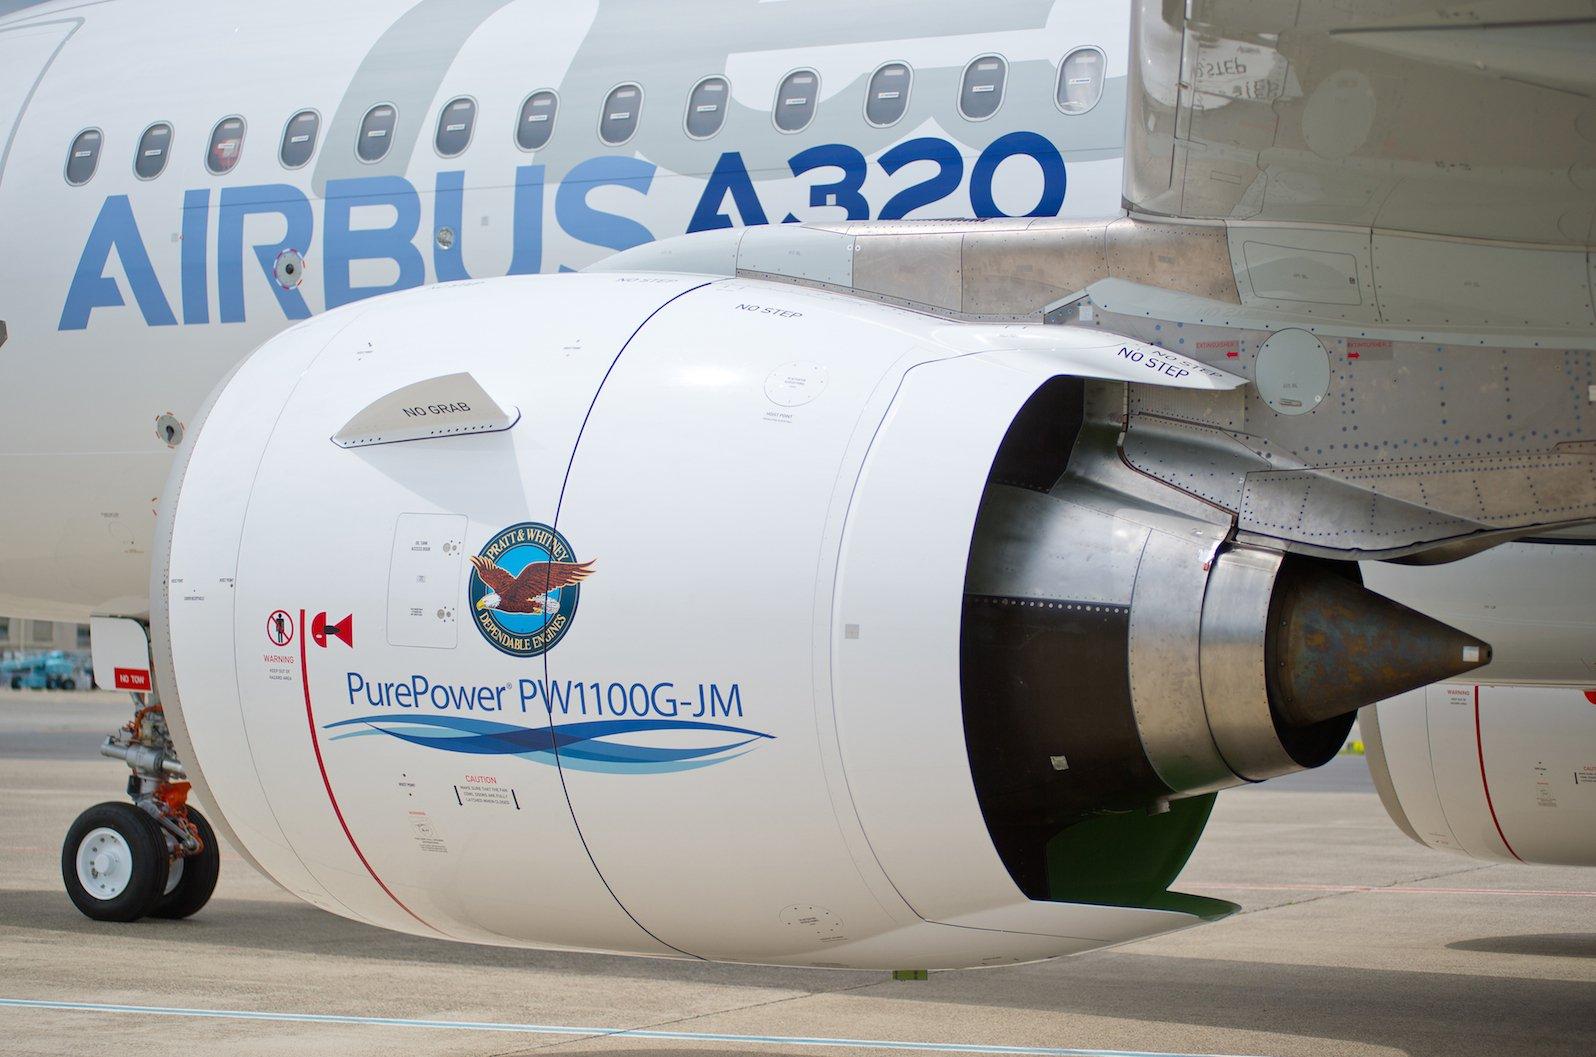 Triebwerk: Beifast allen Passagierflugzeugen wird die Kabinenluft aus den Triebwerken abgezapft.Zusätzliche Hilfsturbinen für die Kabinenluft, wie es sie früher gab, wurden aus Kosten- und Gewichtsgründen eingespart.